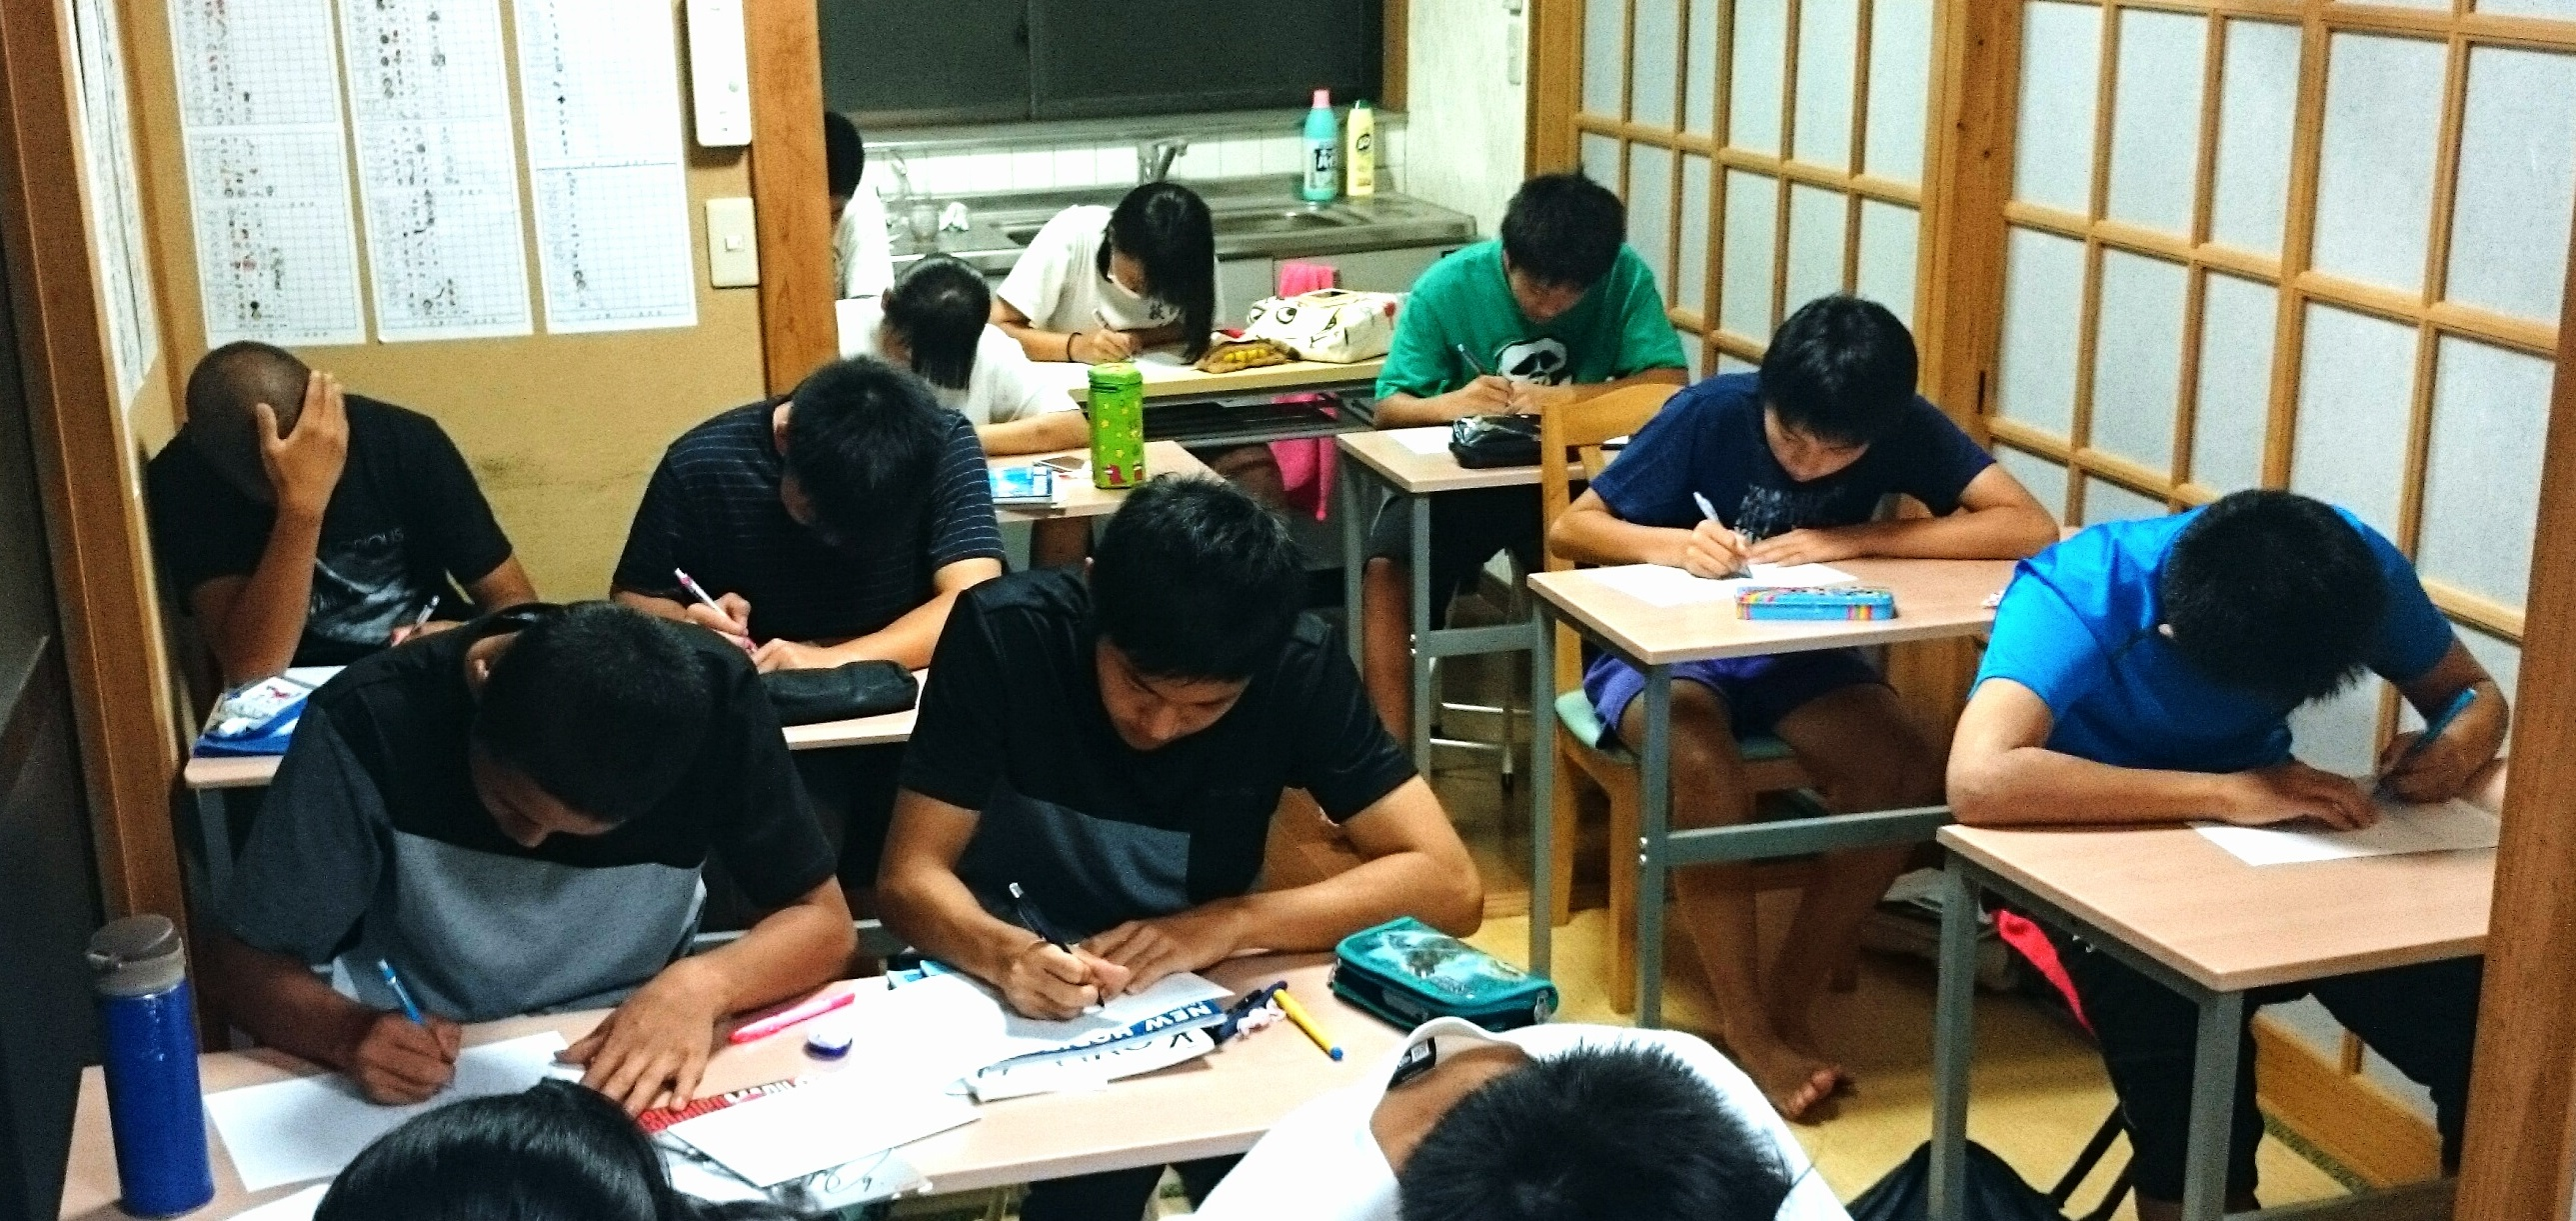 コジ塾授業風景